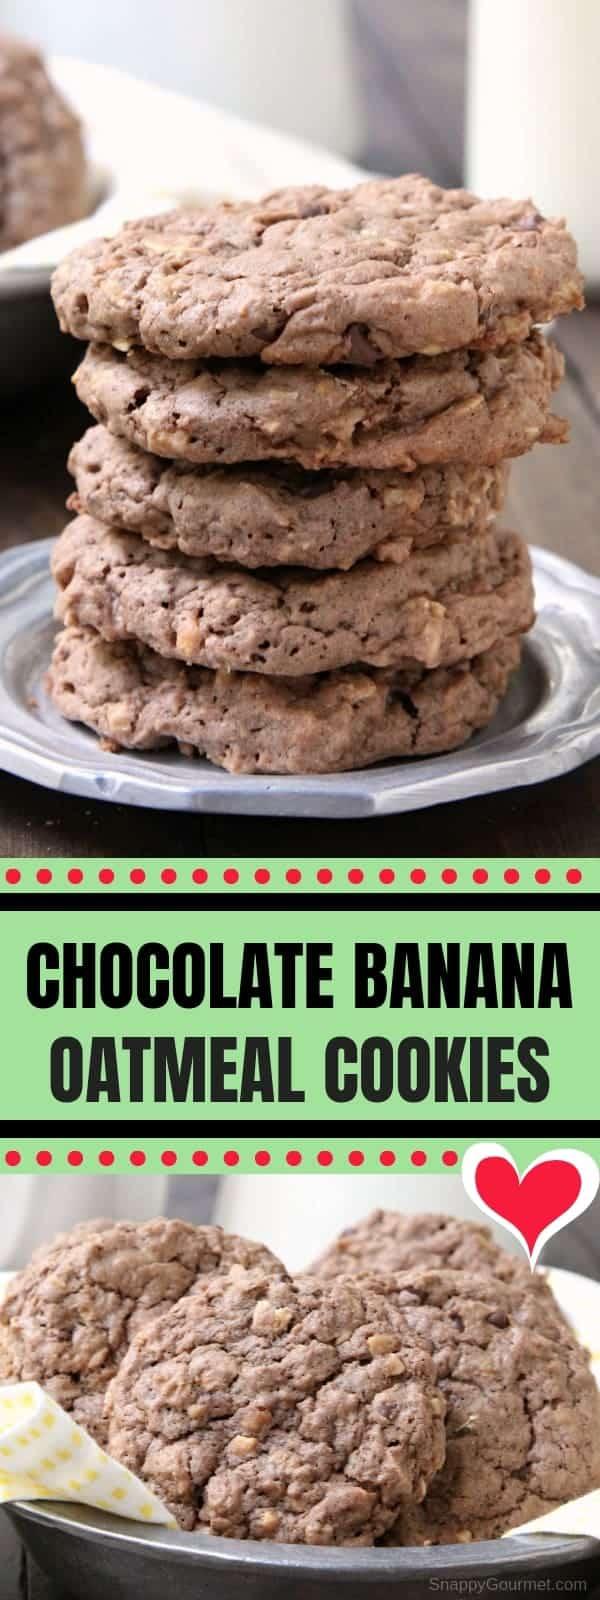 Chocolate Banana Oatmeal Cookies - easy homemade cookie recipe